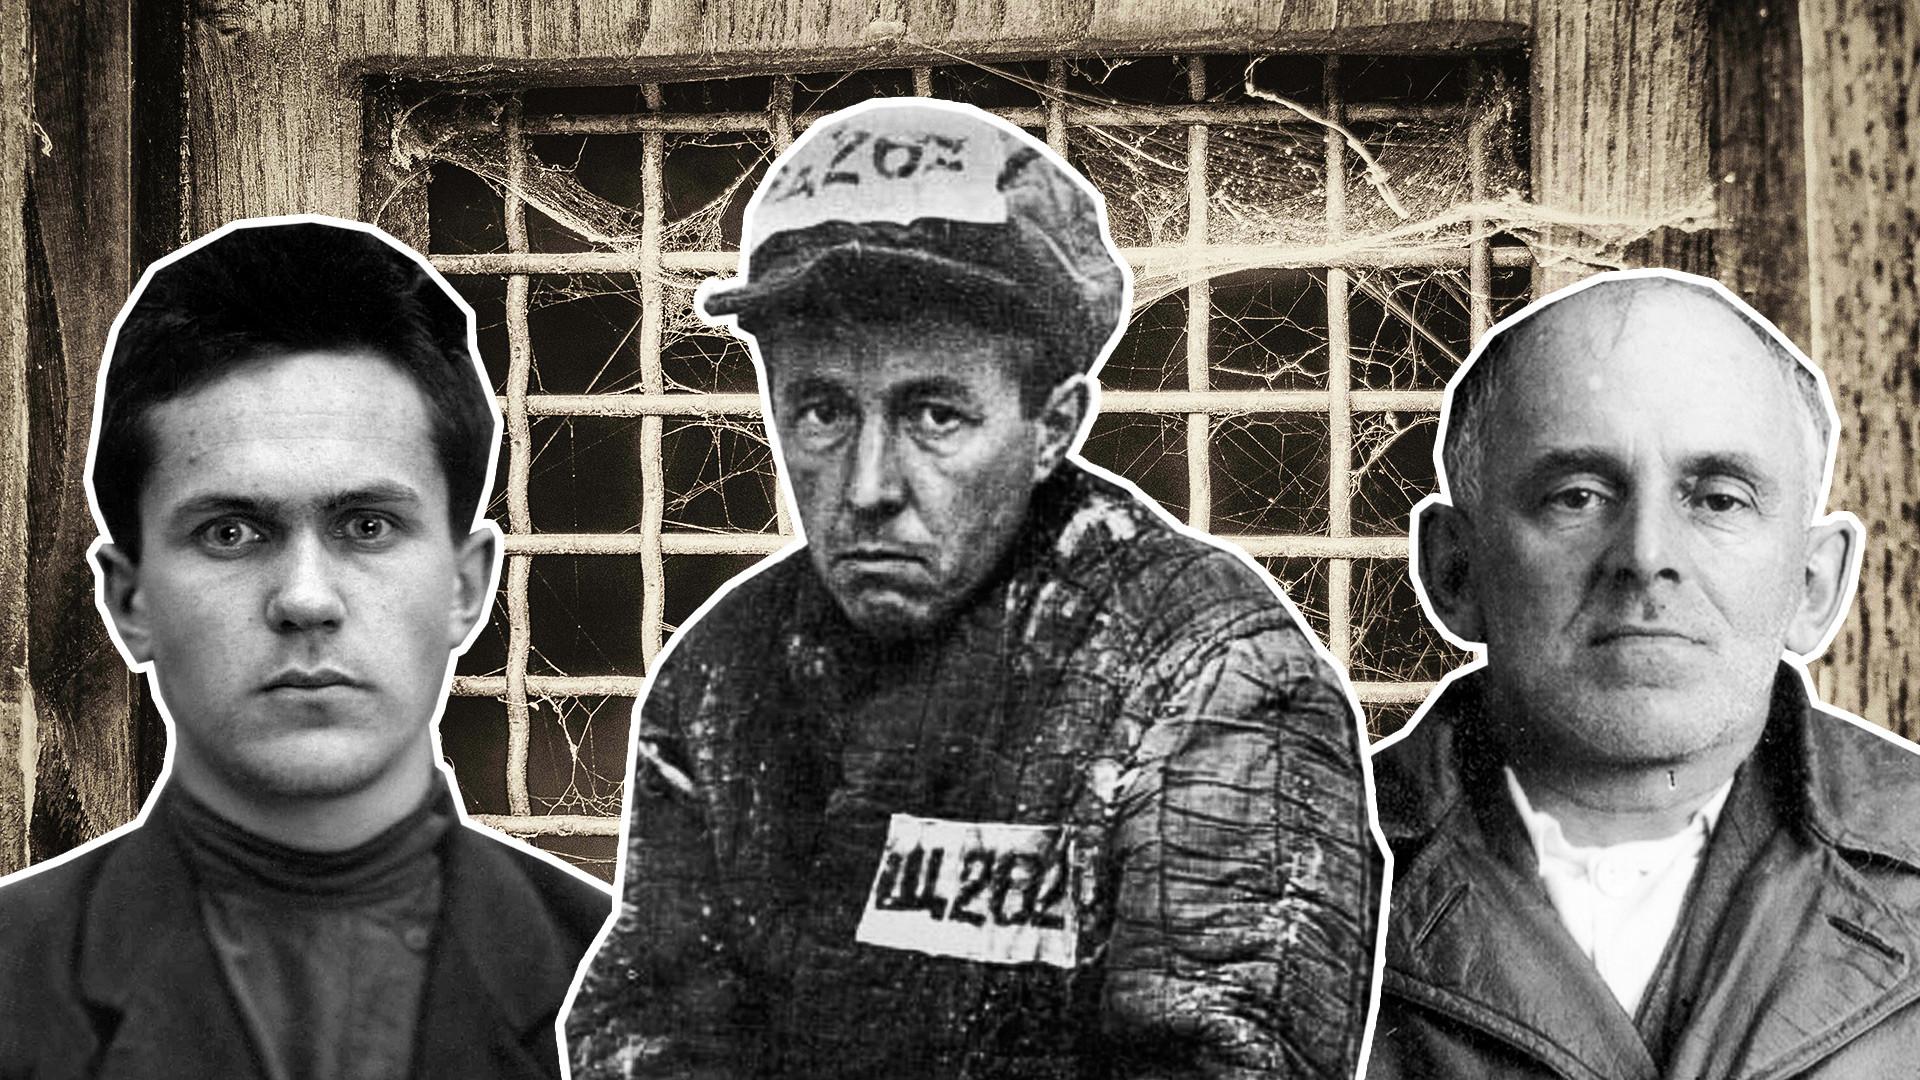 スターリン時代の強制収容所から生還した有名人TOP6 - ロシア・ビヨンド